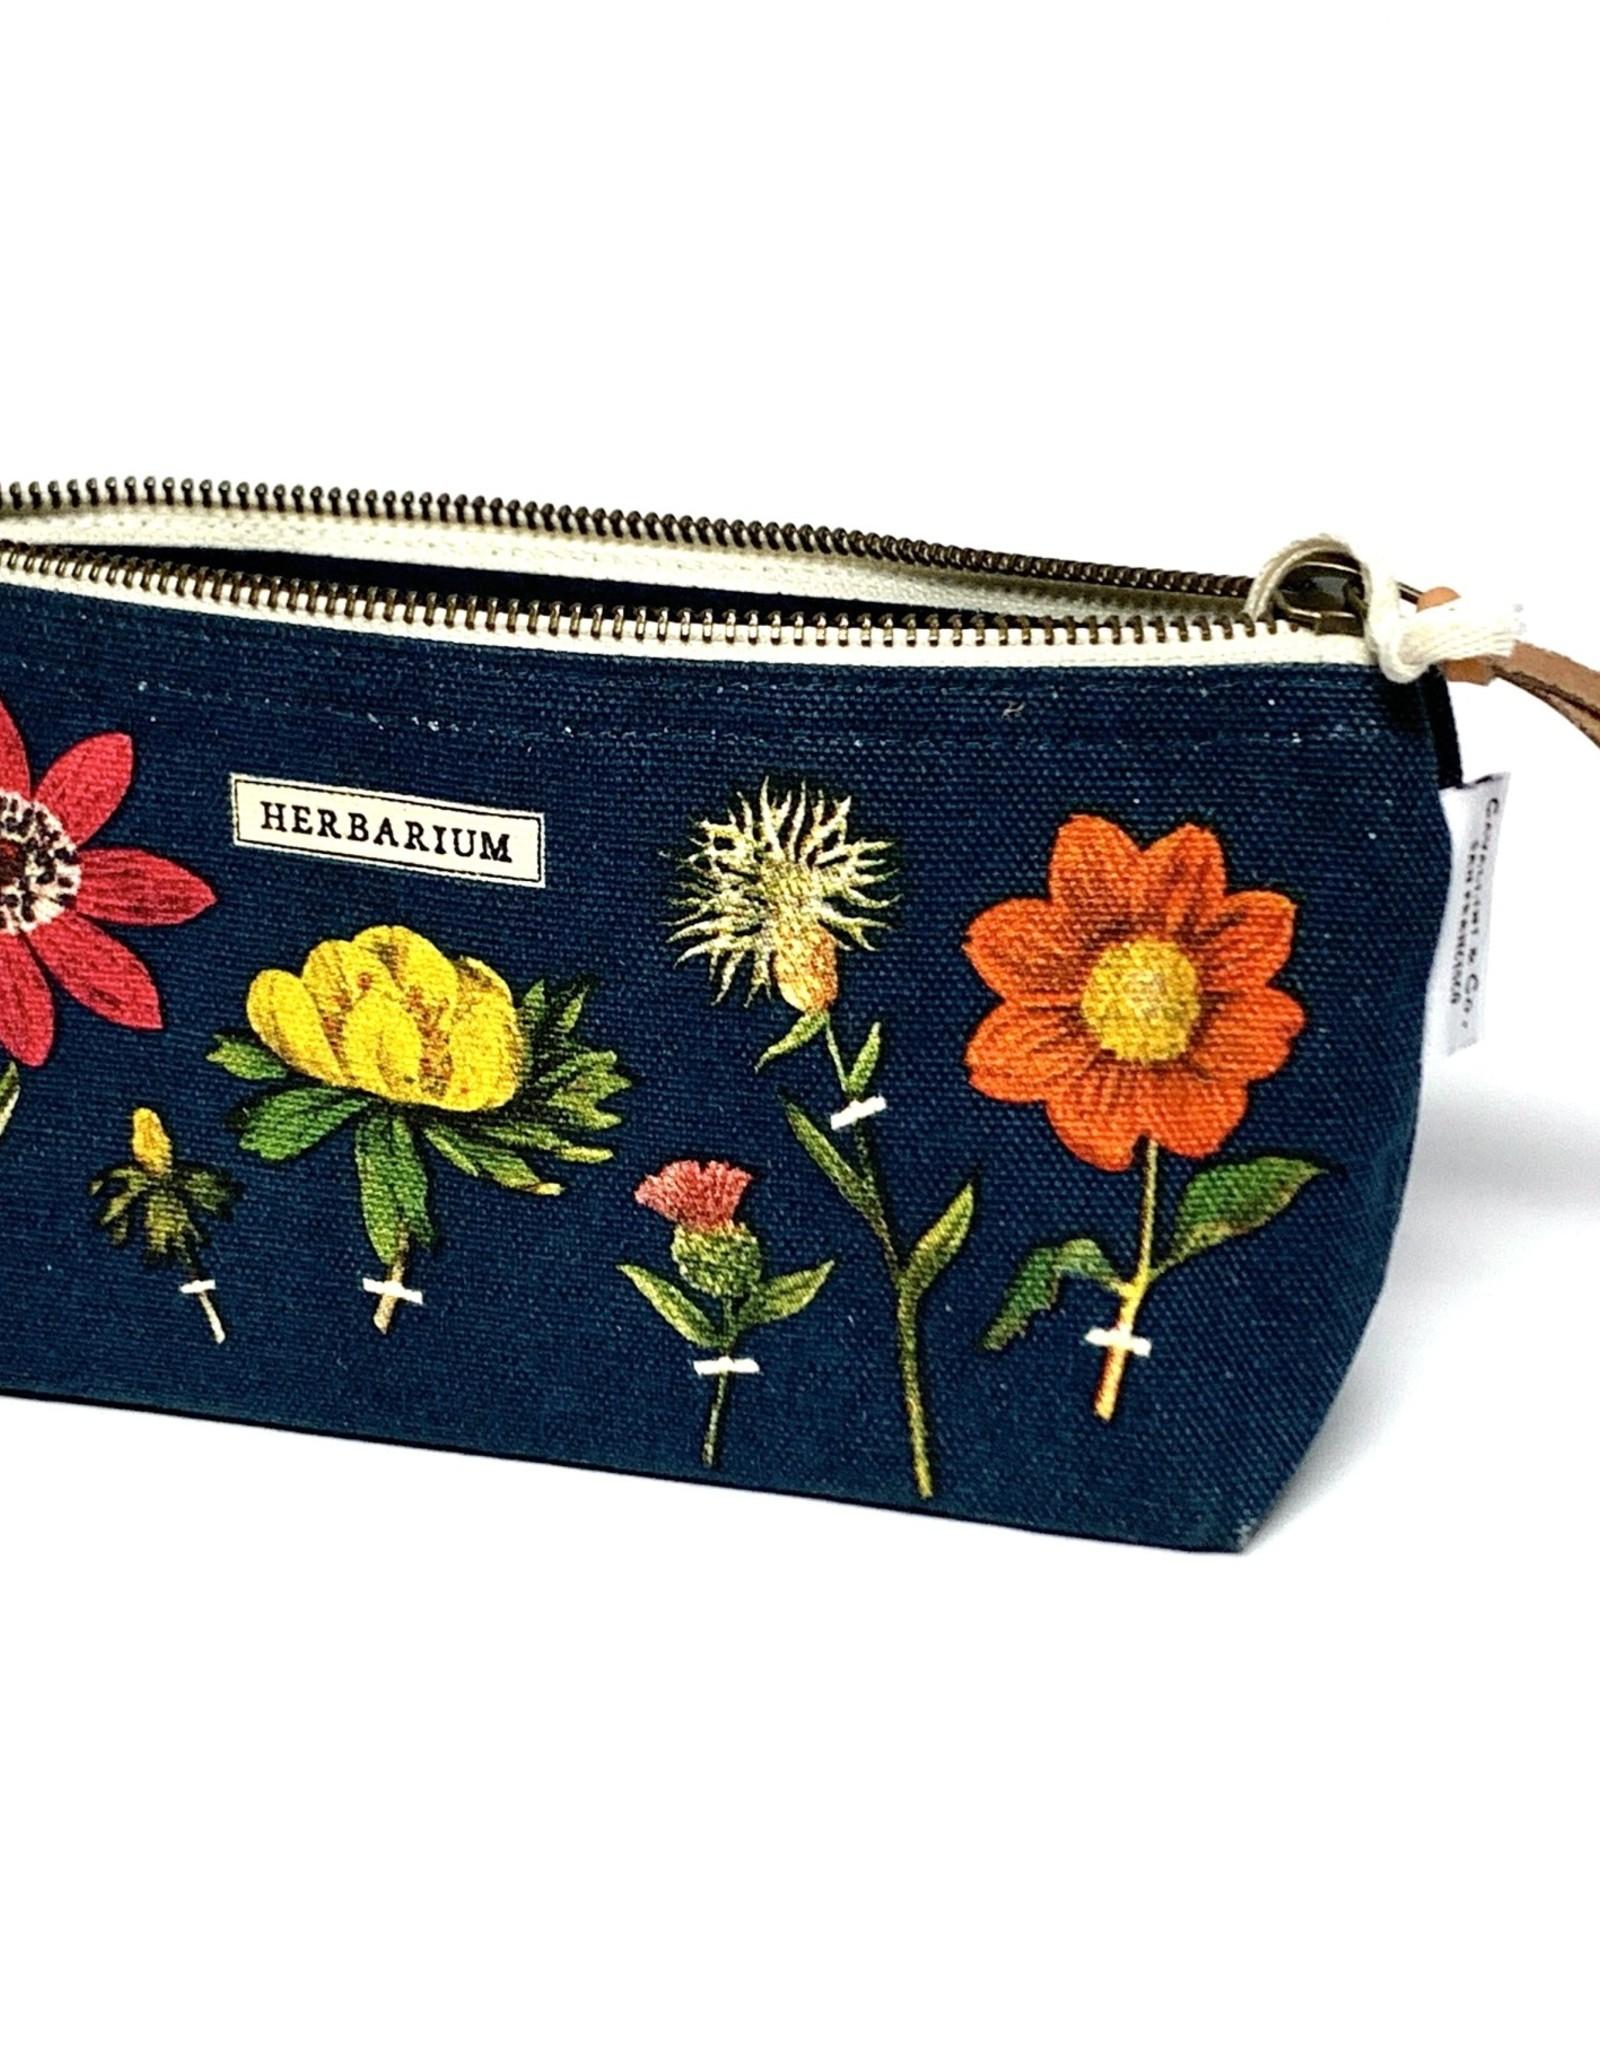 Cavallini Cavallini Vintage Inspired Mini Pouch, Herbarium